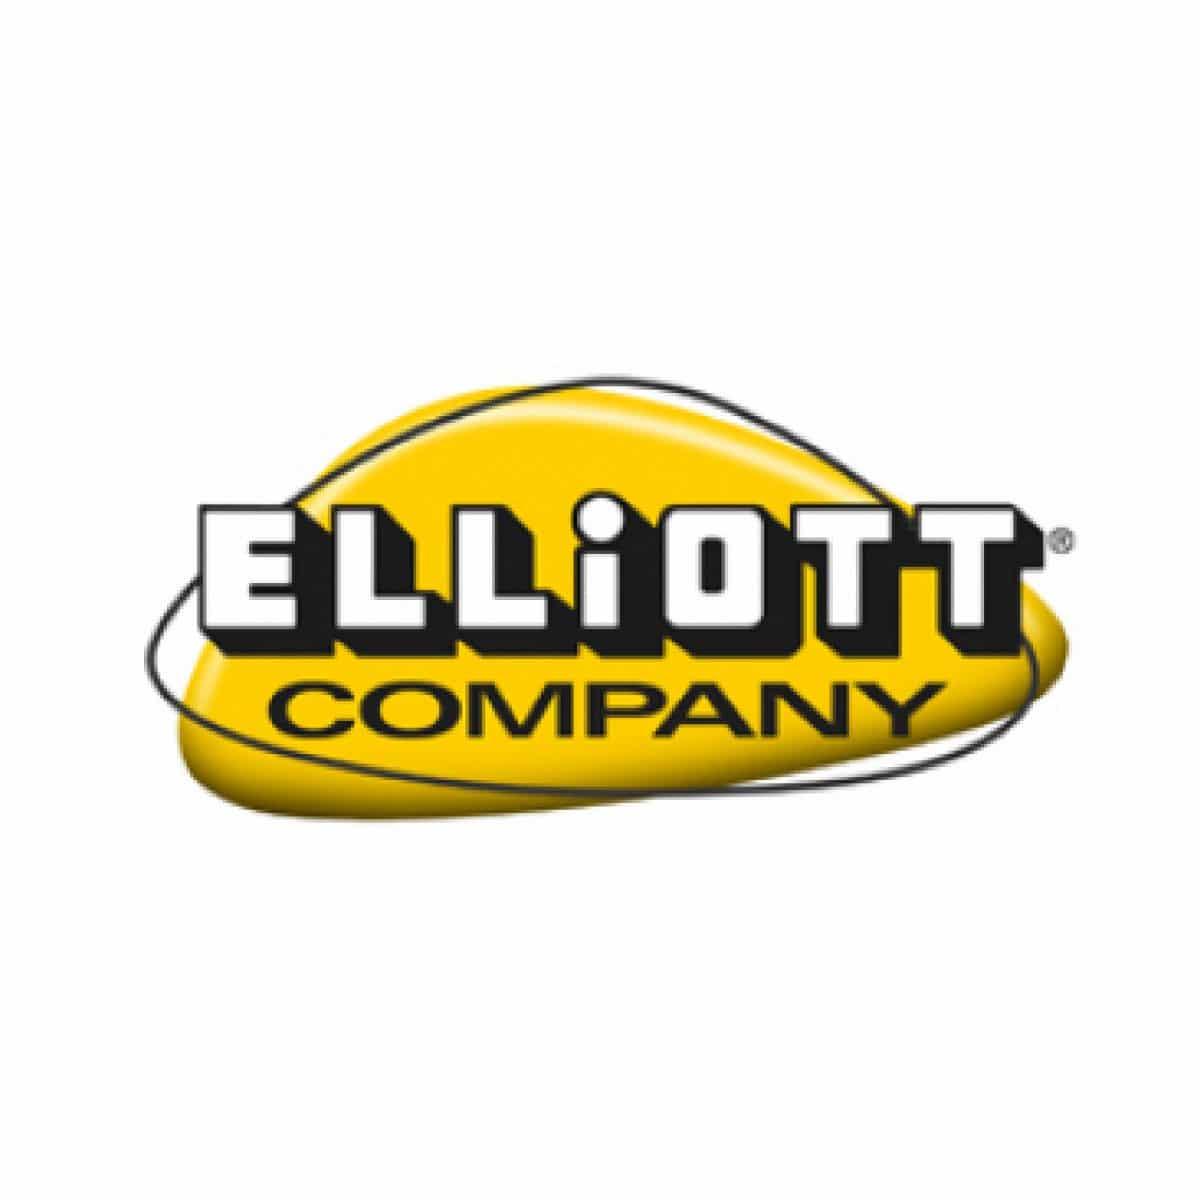 Elliott Company